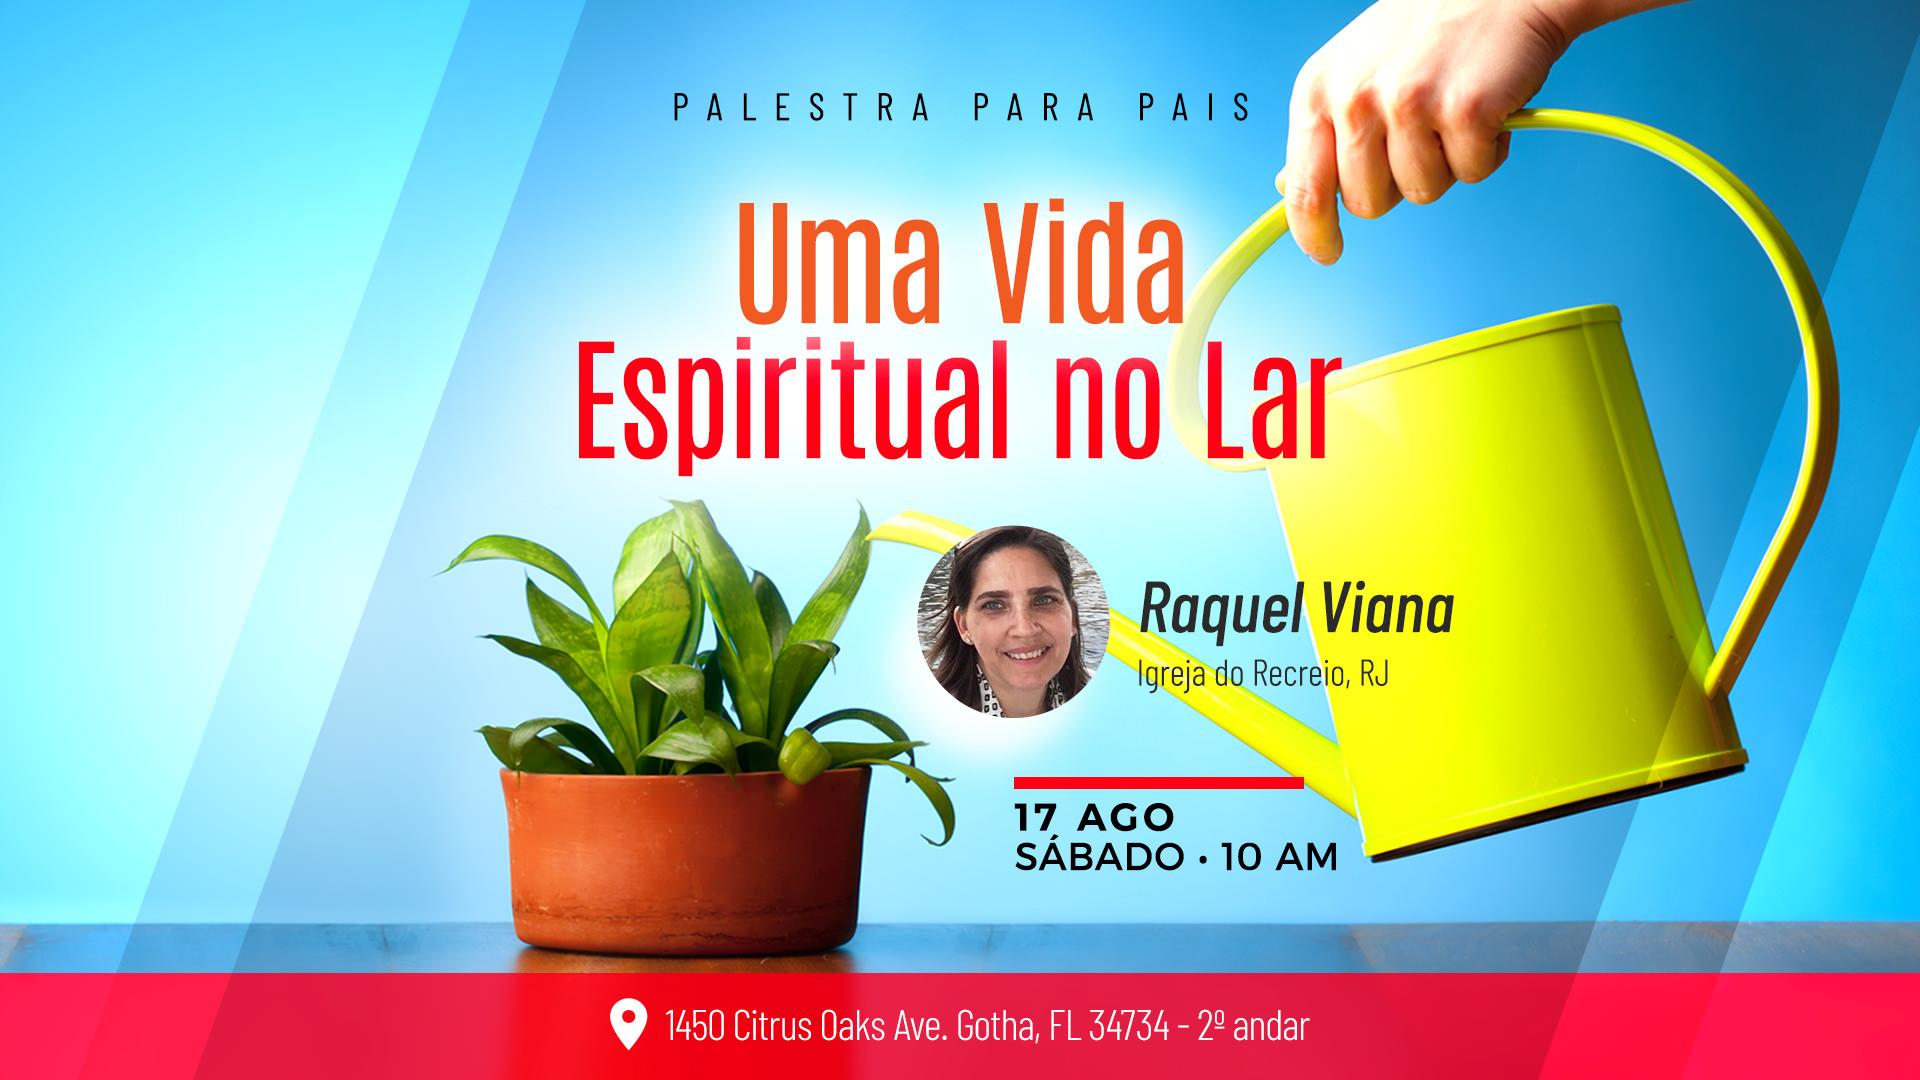 Uma_Vida_Espiritual_no_Lar_1920x1080px